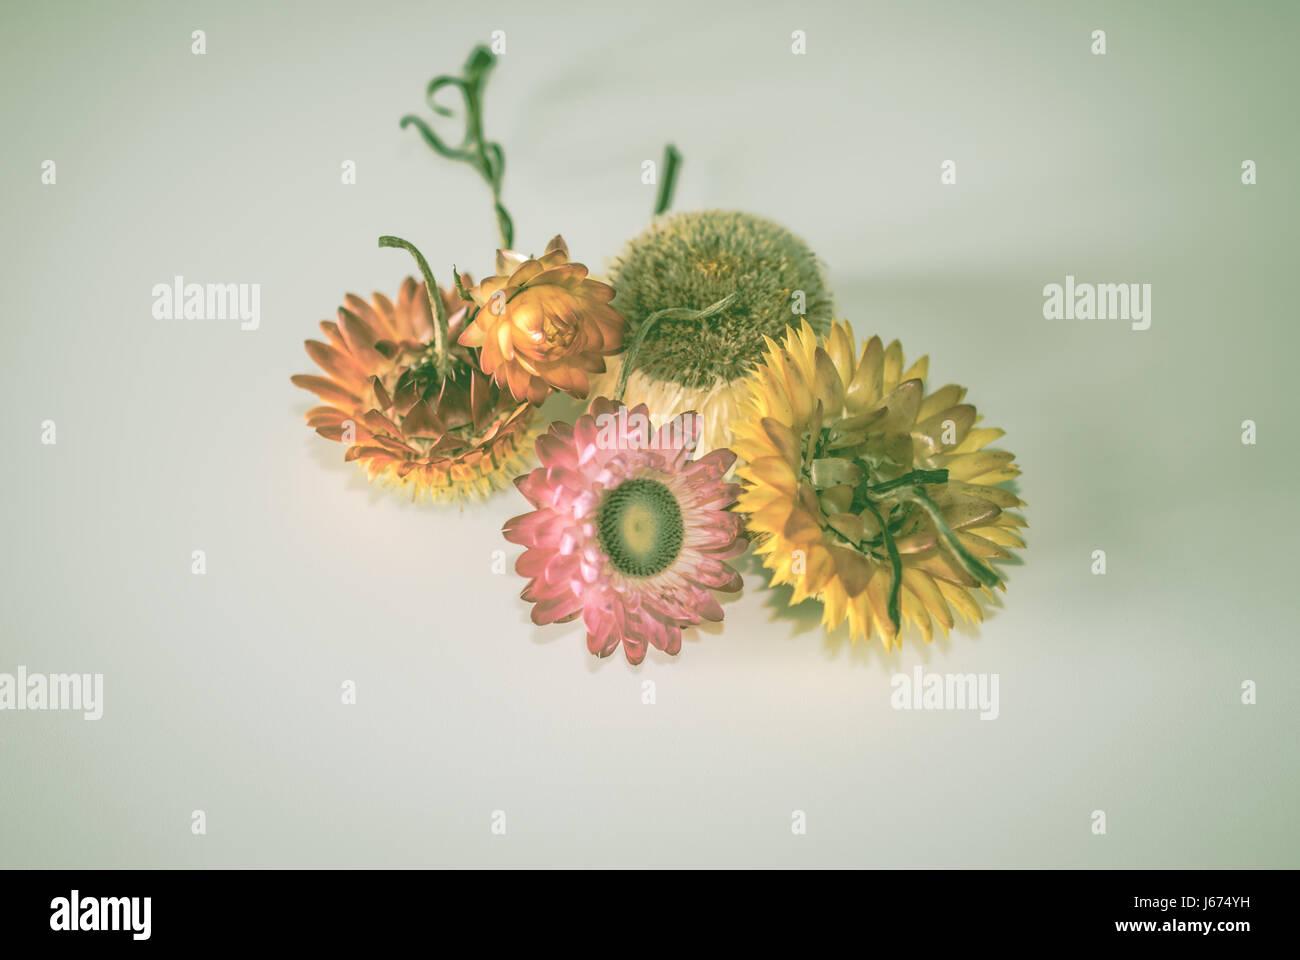 Direttamente sopra vista di fiori contro uno sfondo bianco Immagini Stock